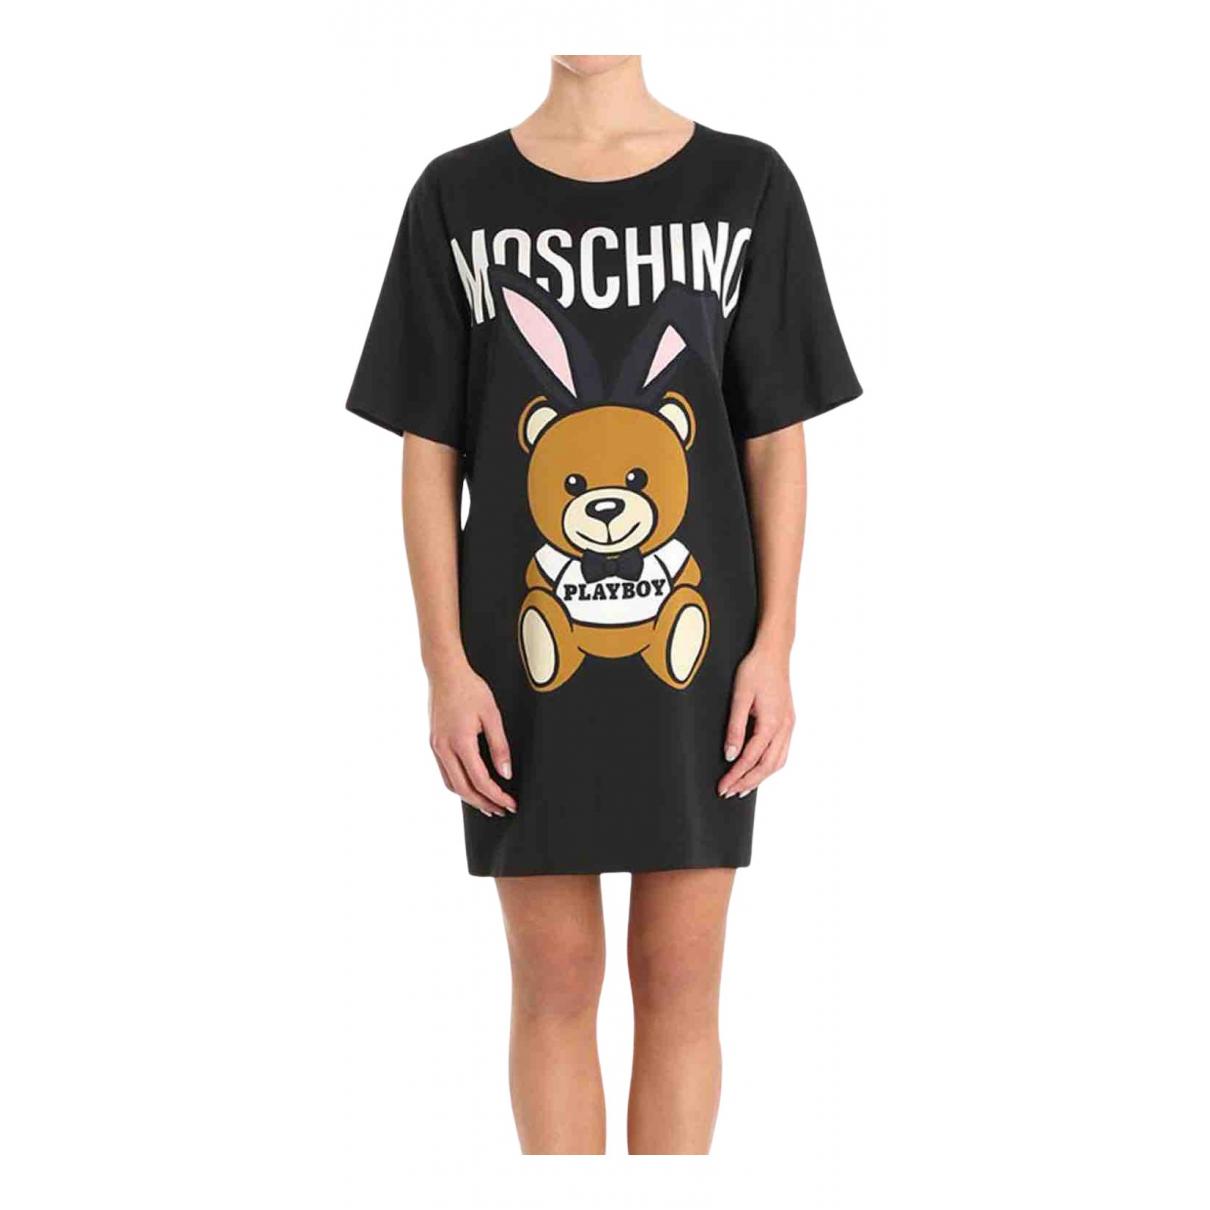 Moschino - Robe   pour femme en coton - elasthane - noir